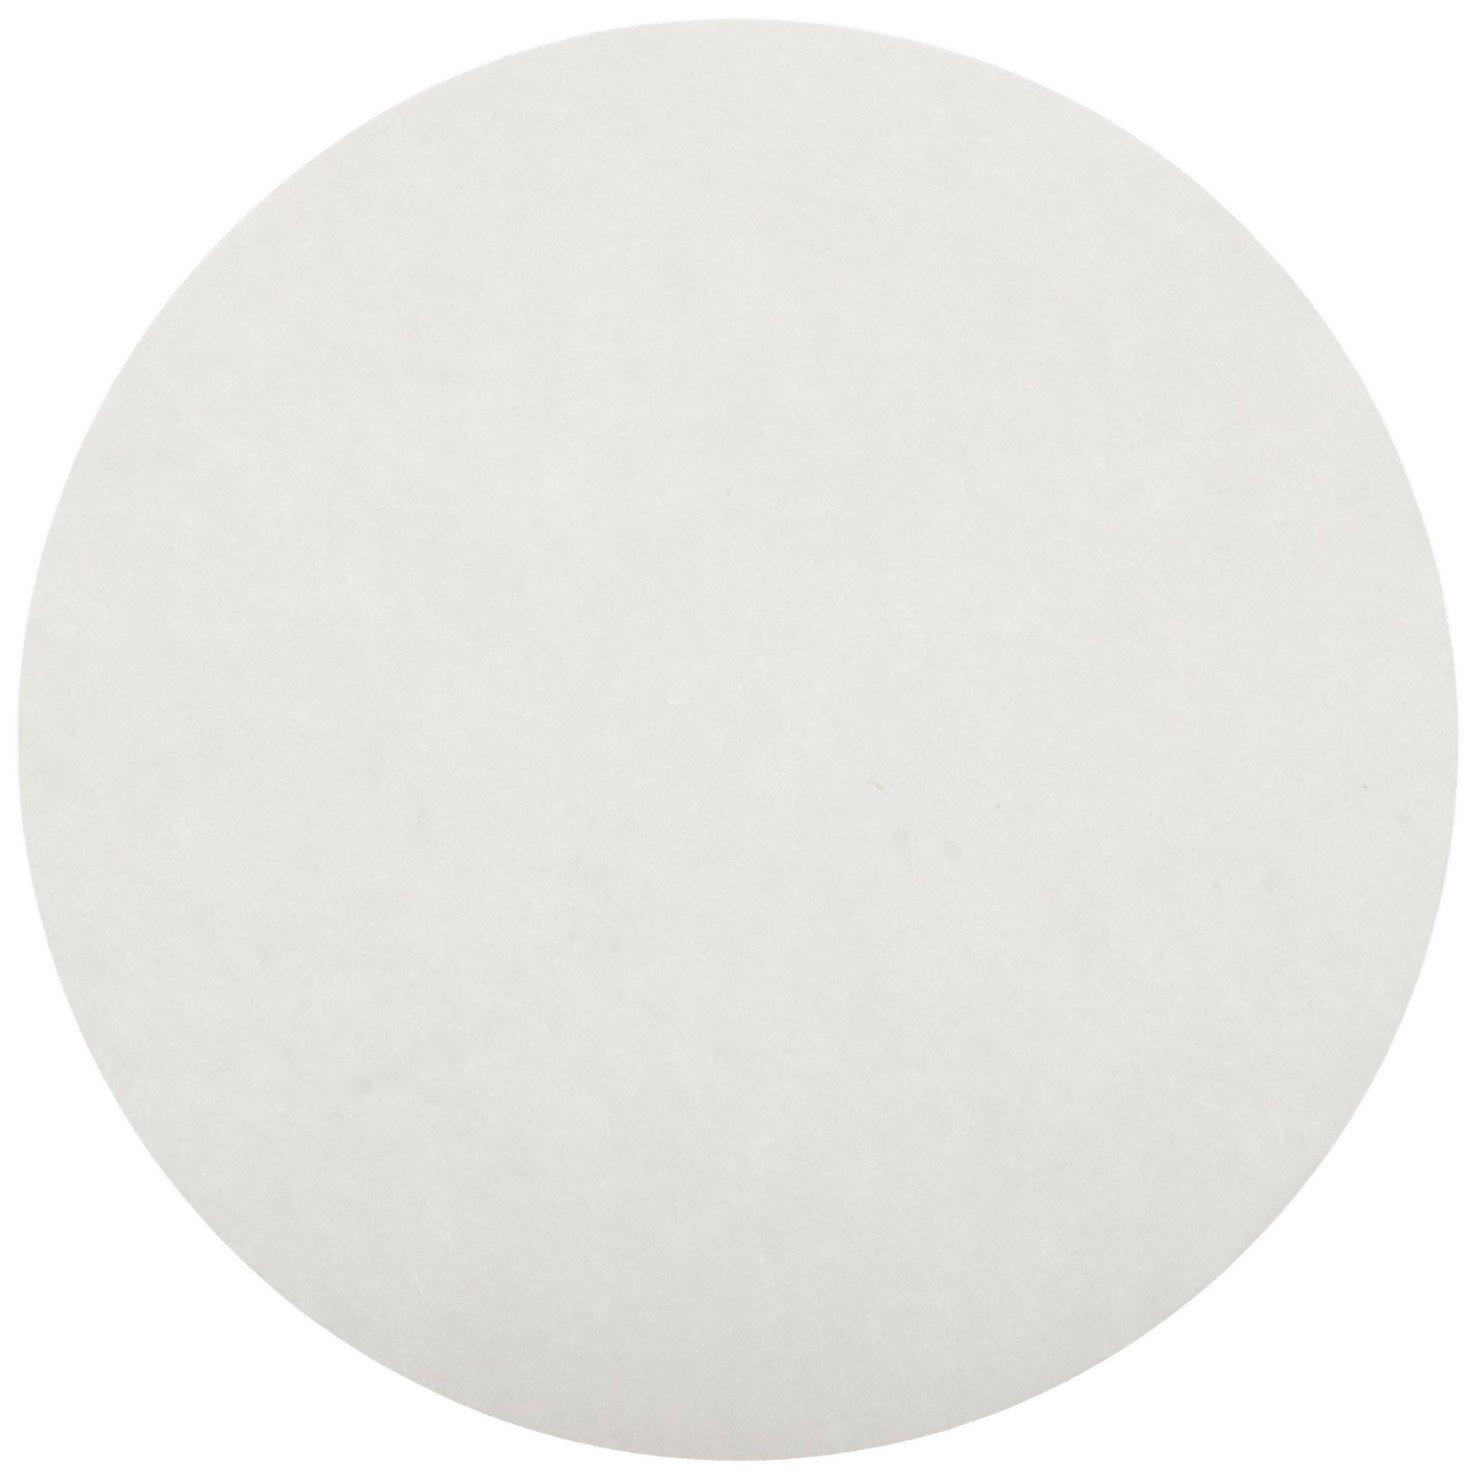 Ahlstrom 0740-0700 Quantitative Filter Paper, 2 Micron, Medium Flow, Grade 74, 7cm Diameter